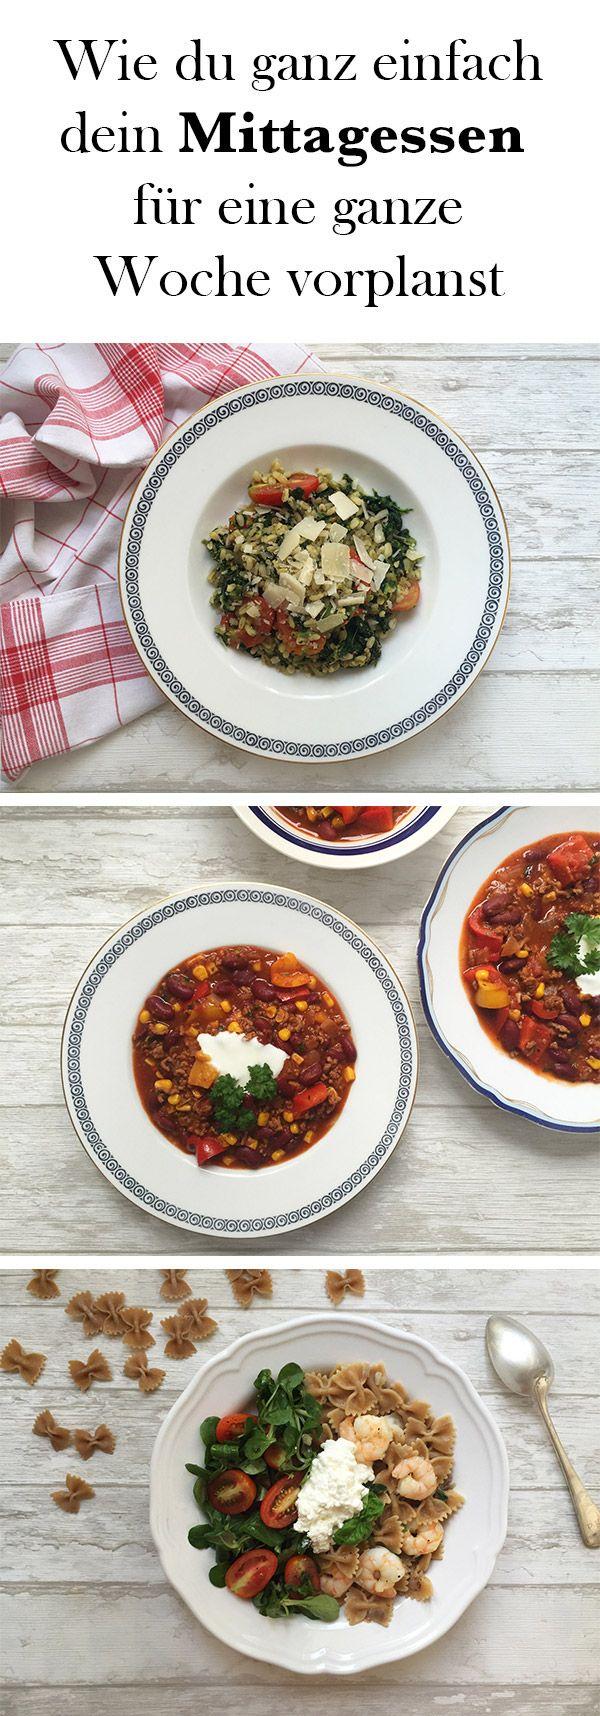 Mit diesem Plan hast du mit nur drei einfachen Gerichten eine ganze Woche voller Mittagessen – egal, ob du zu Hause bist oder auf der Arbeit!